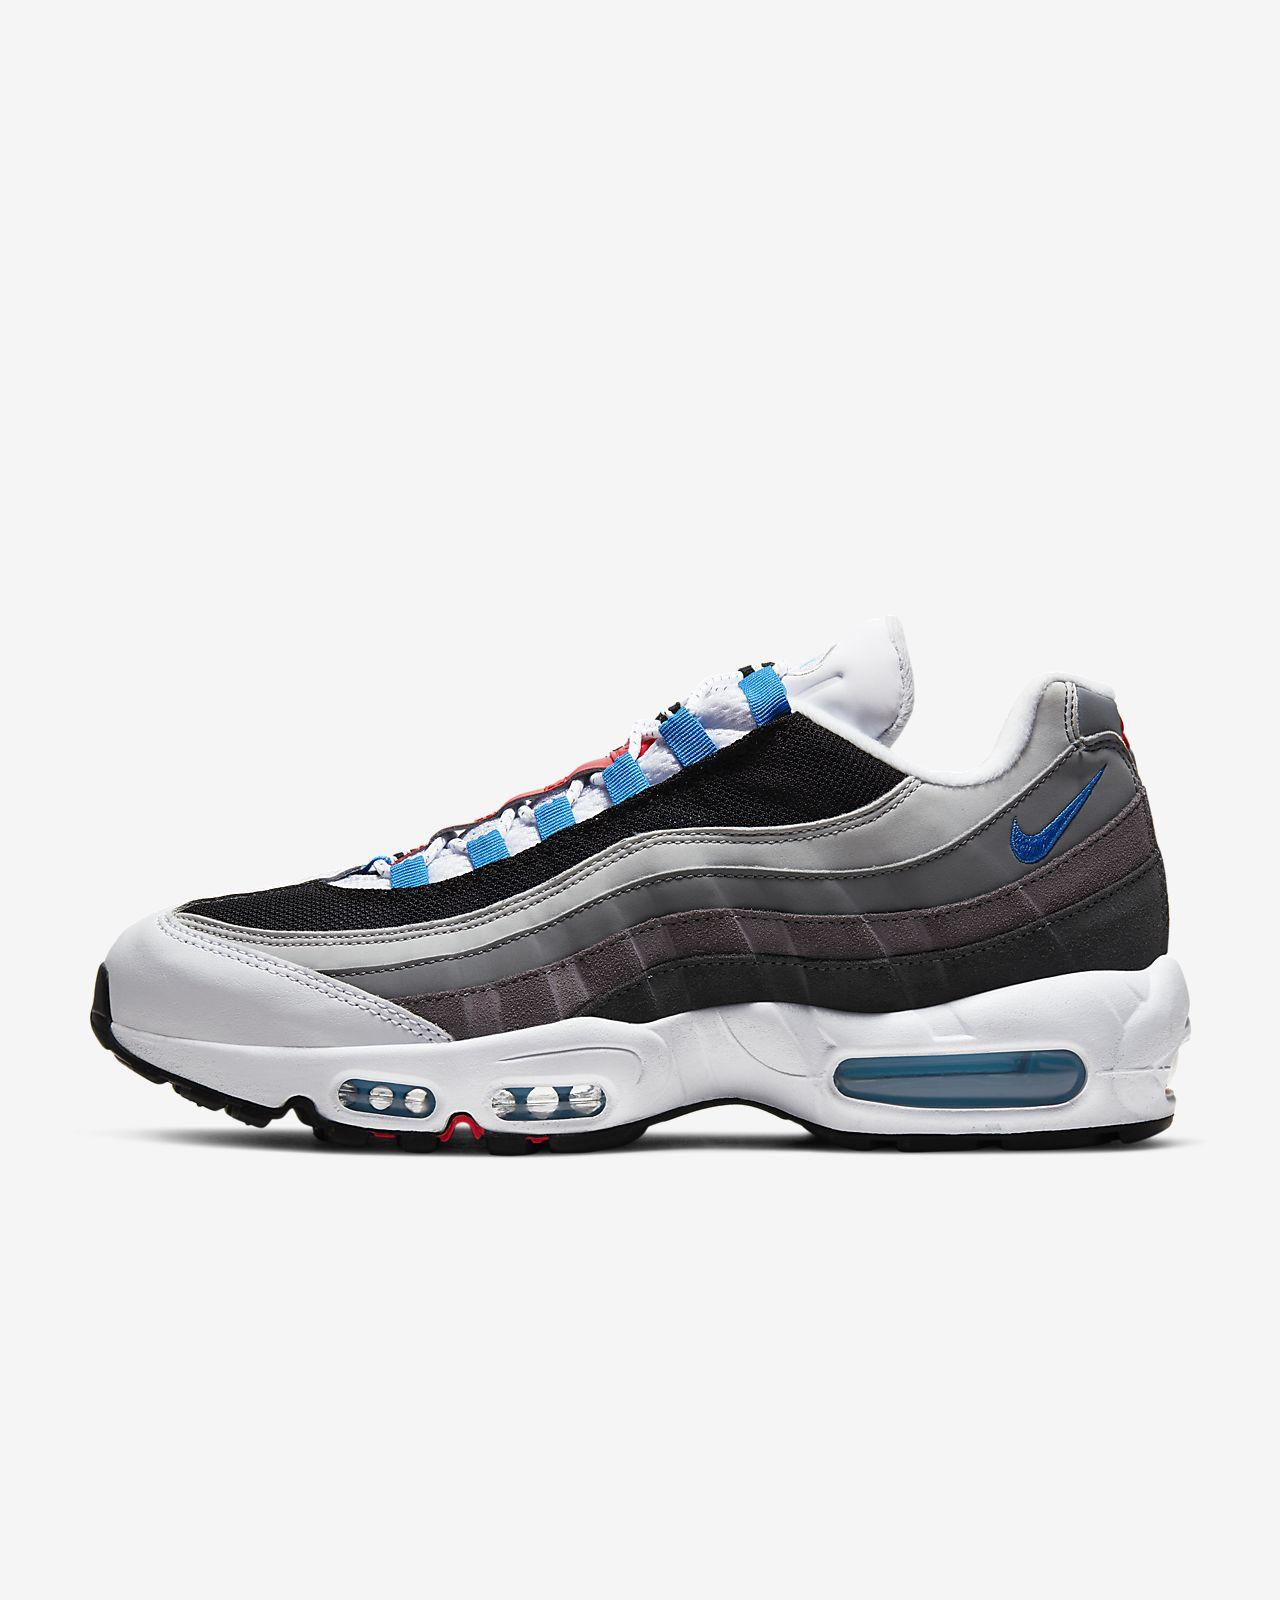 Nike Air Max 95 herresko